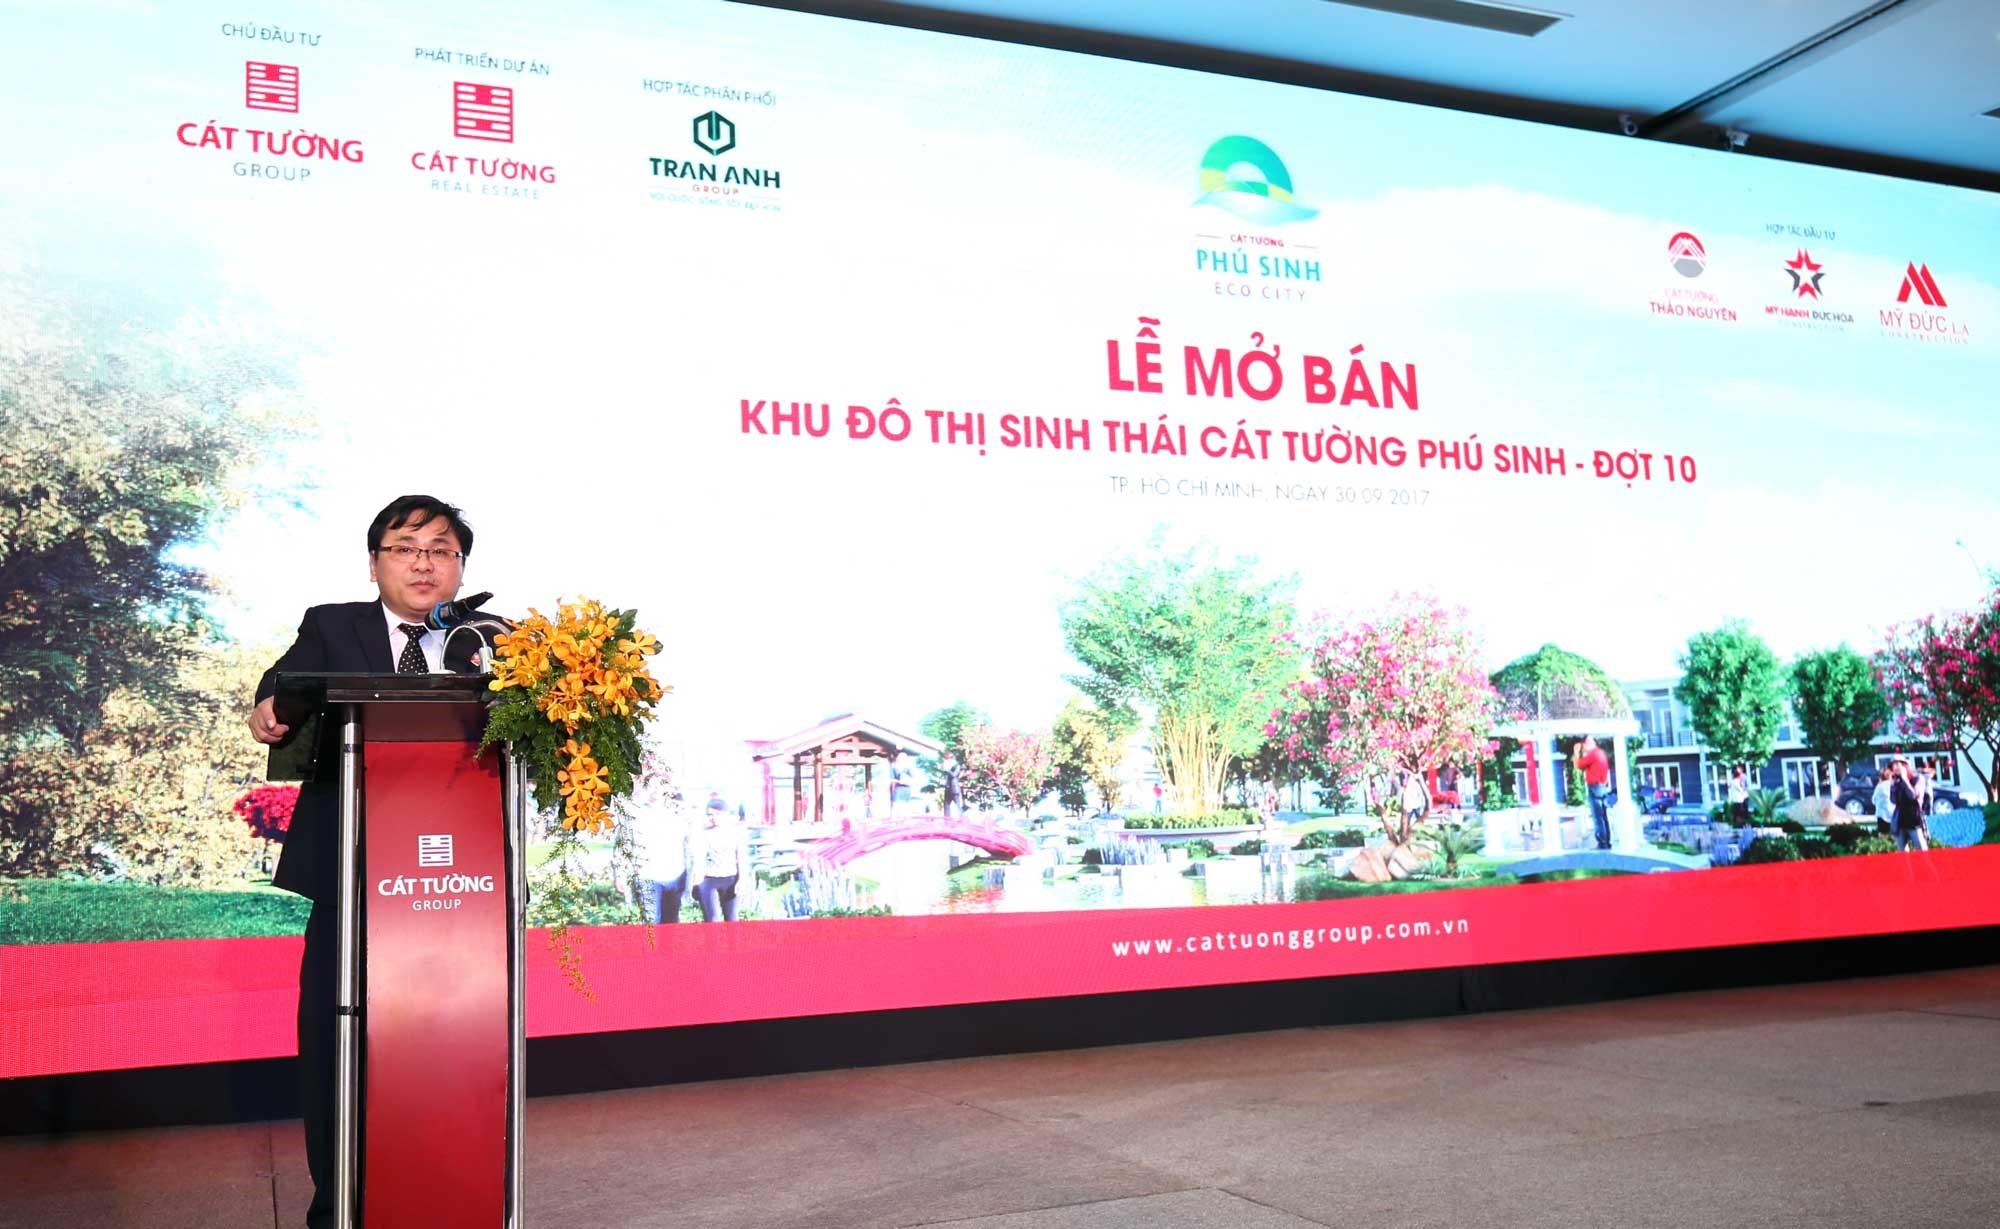 Bùng nổ giao dịch ngày mở bán đô thị sinh thái Cát Tường Phú Sinh đợt 10